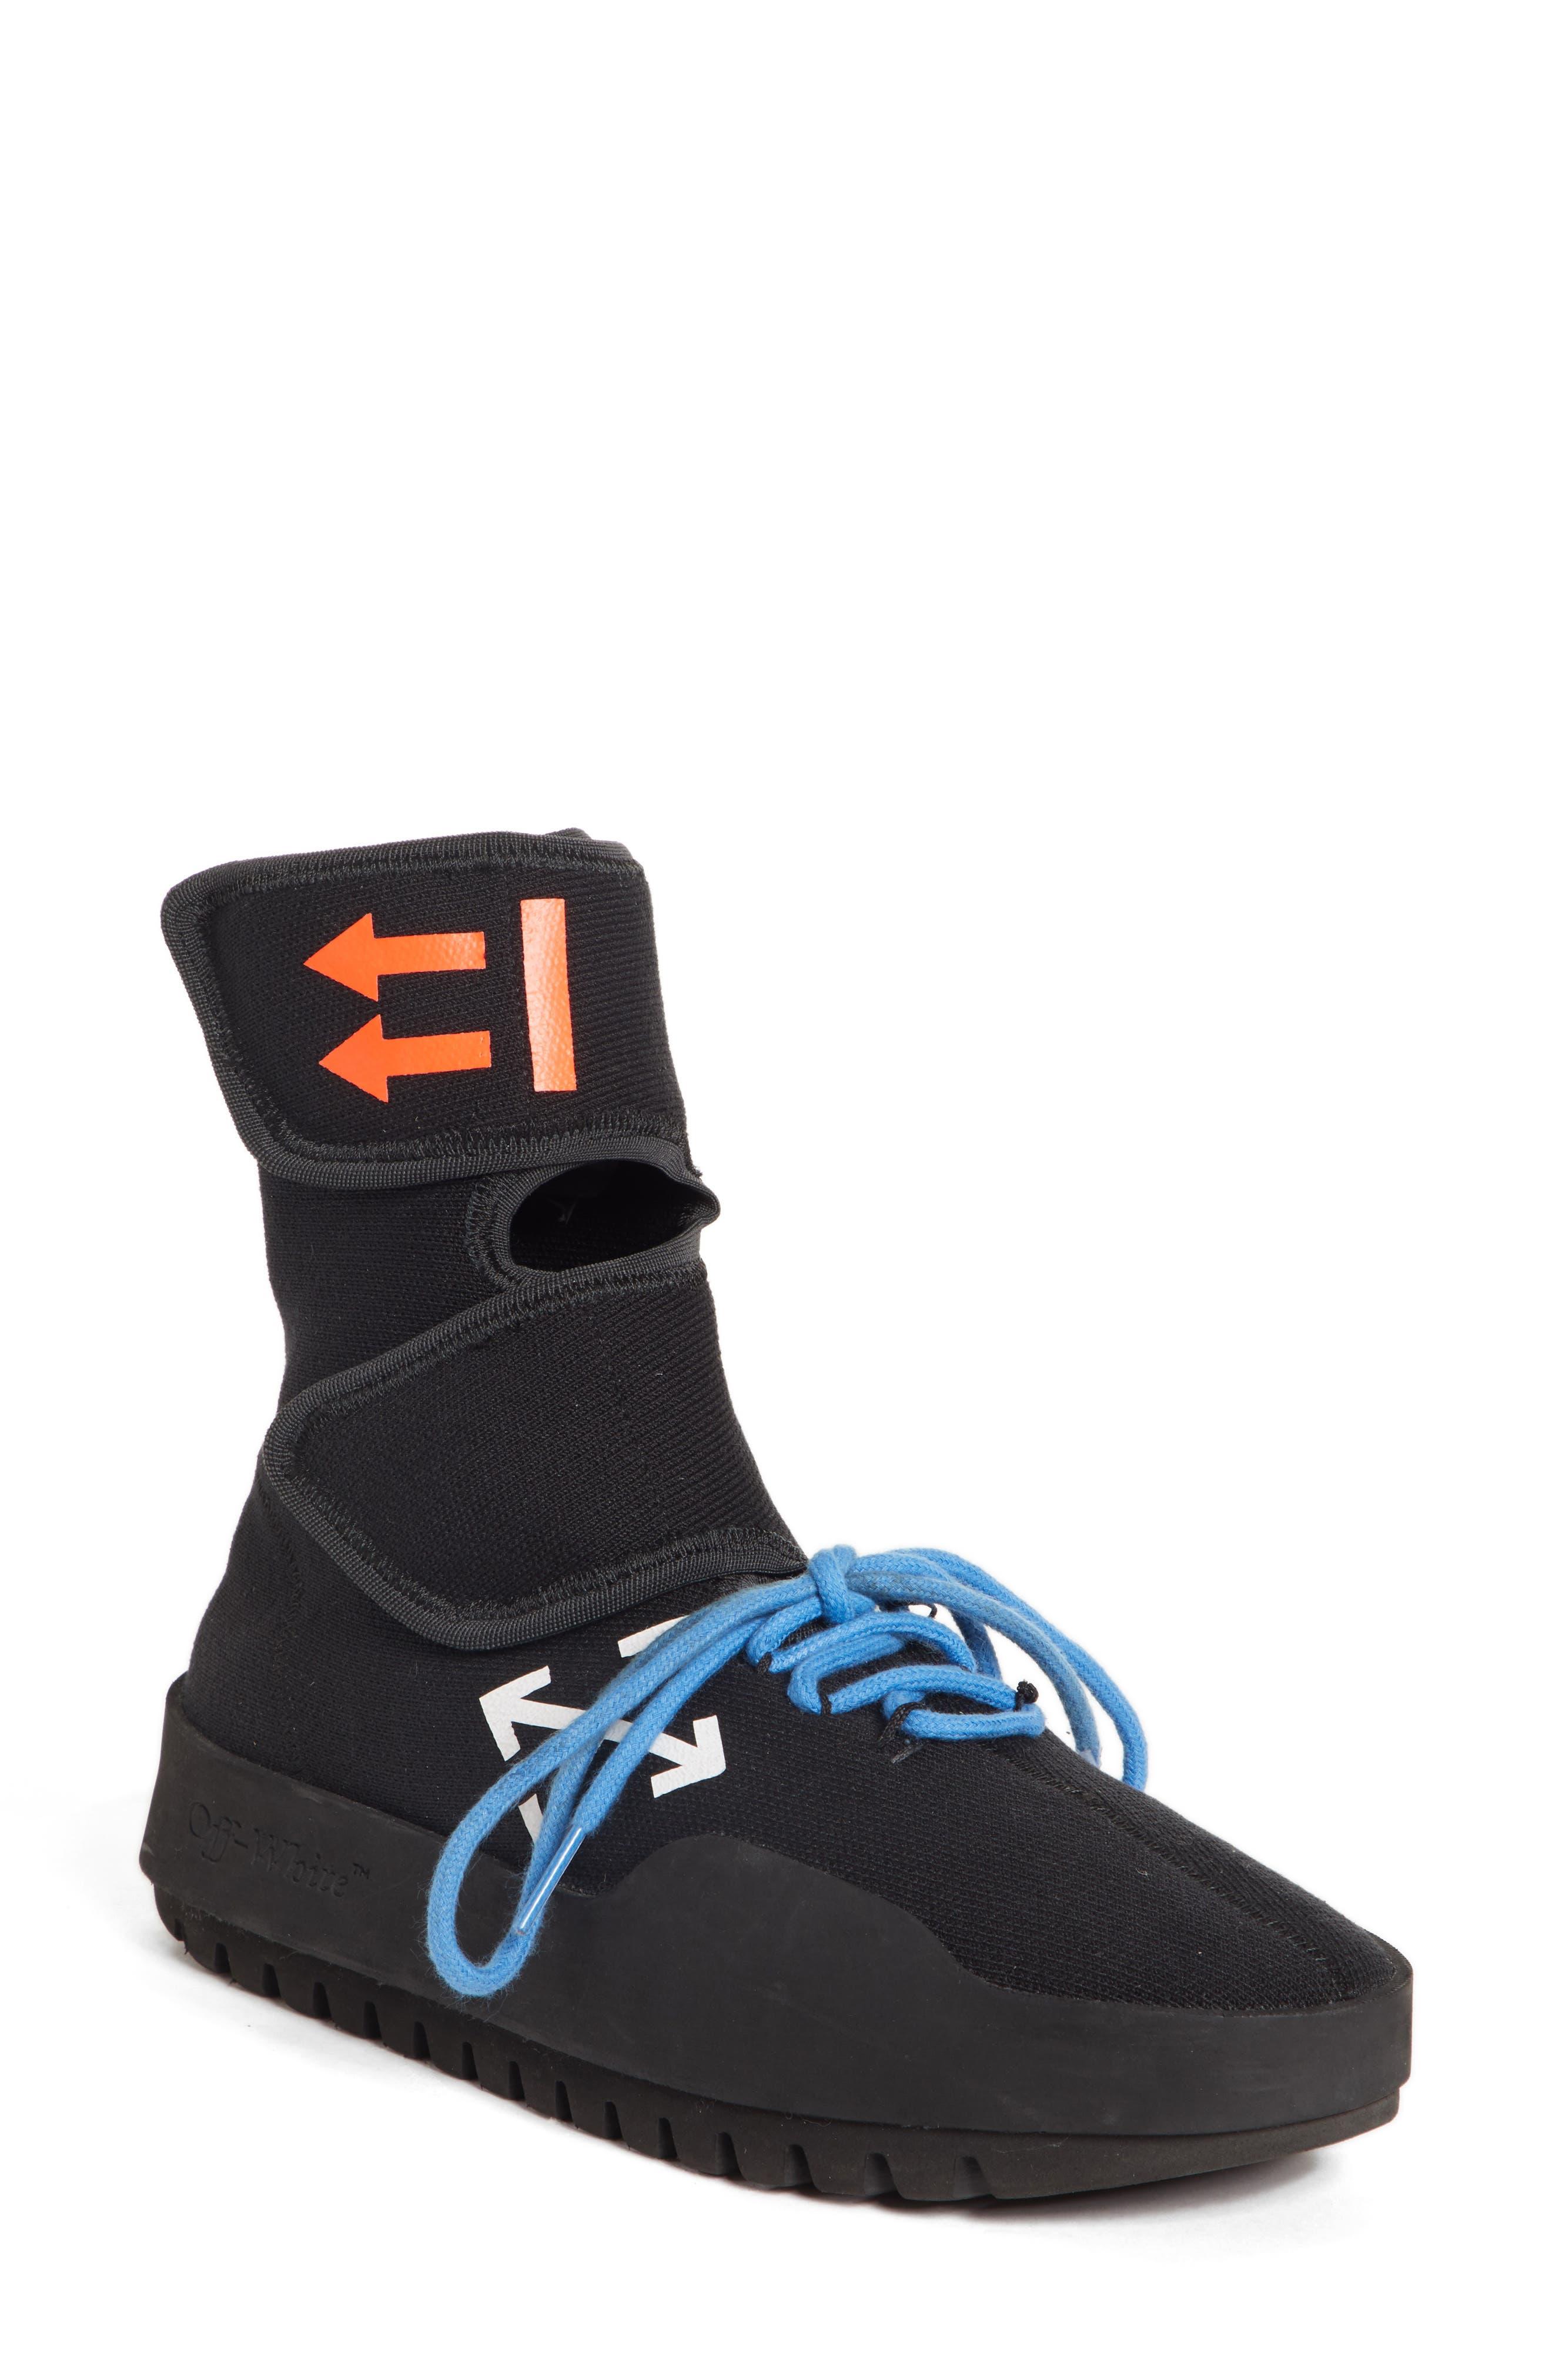 OFF-WHITE Moto Wrap Sneaker, Main, color, 001